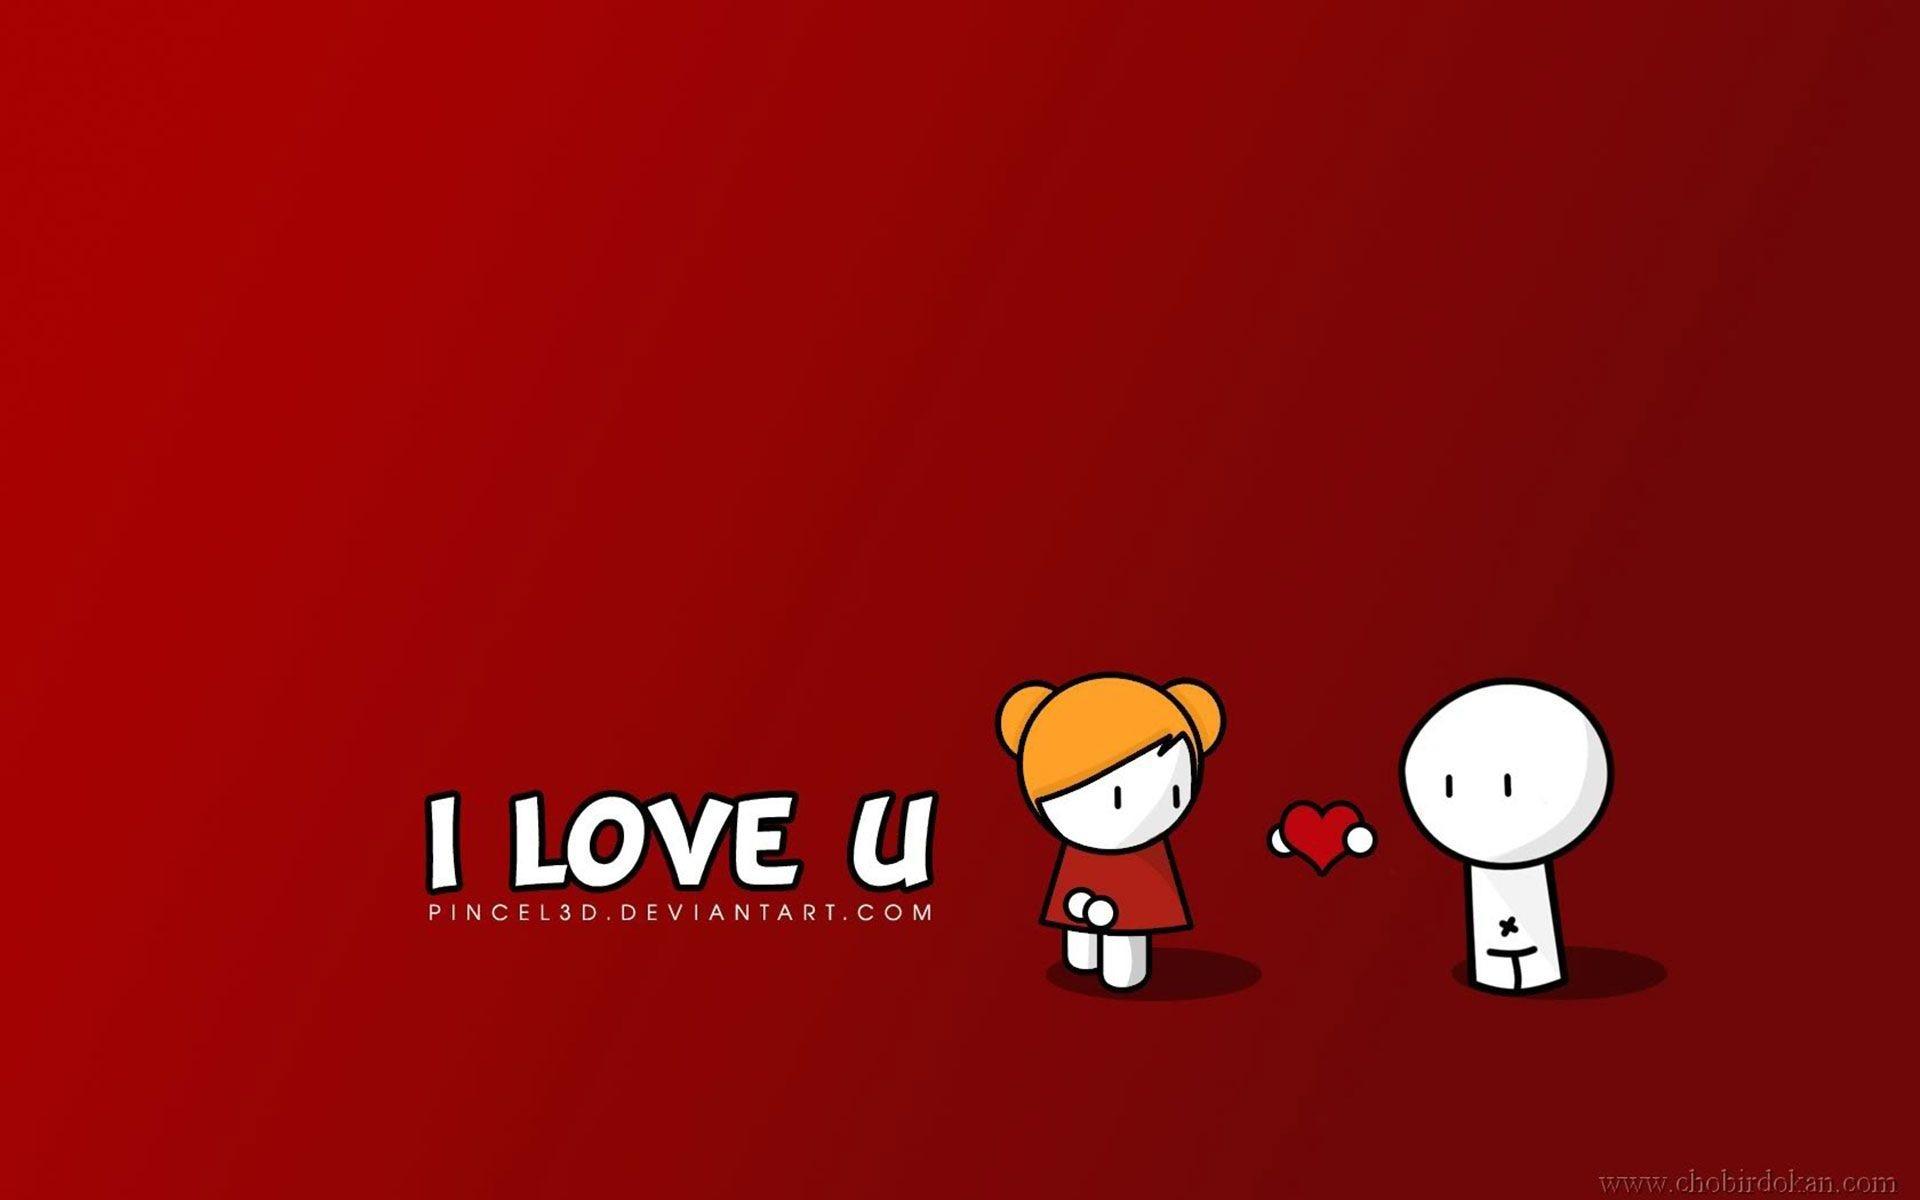 I love u .com big resolution wallpapers. Do you love me?